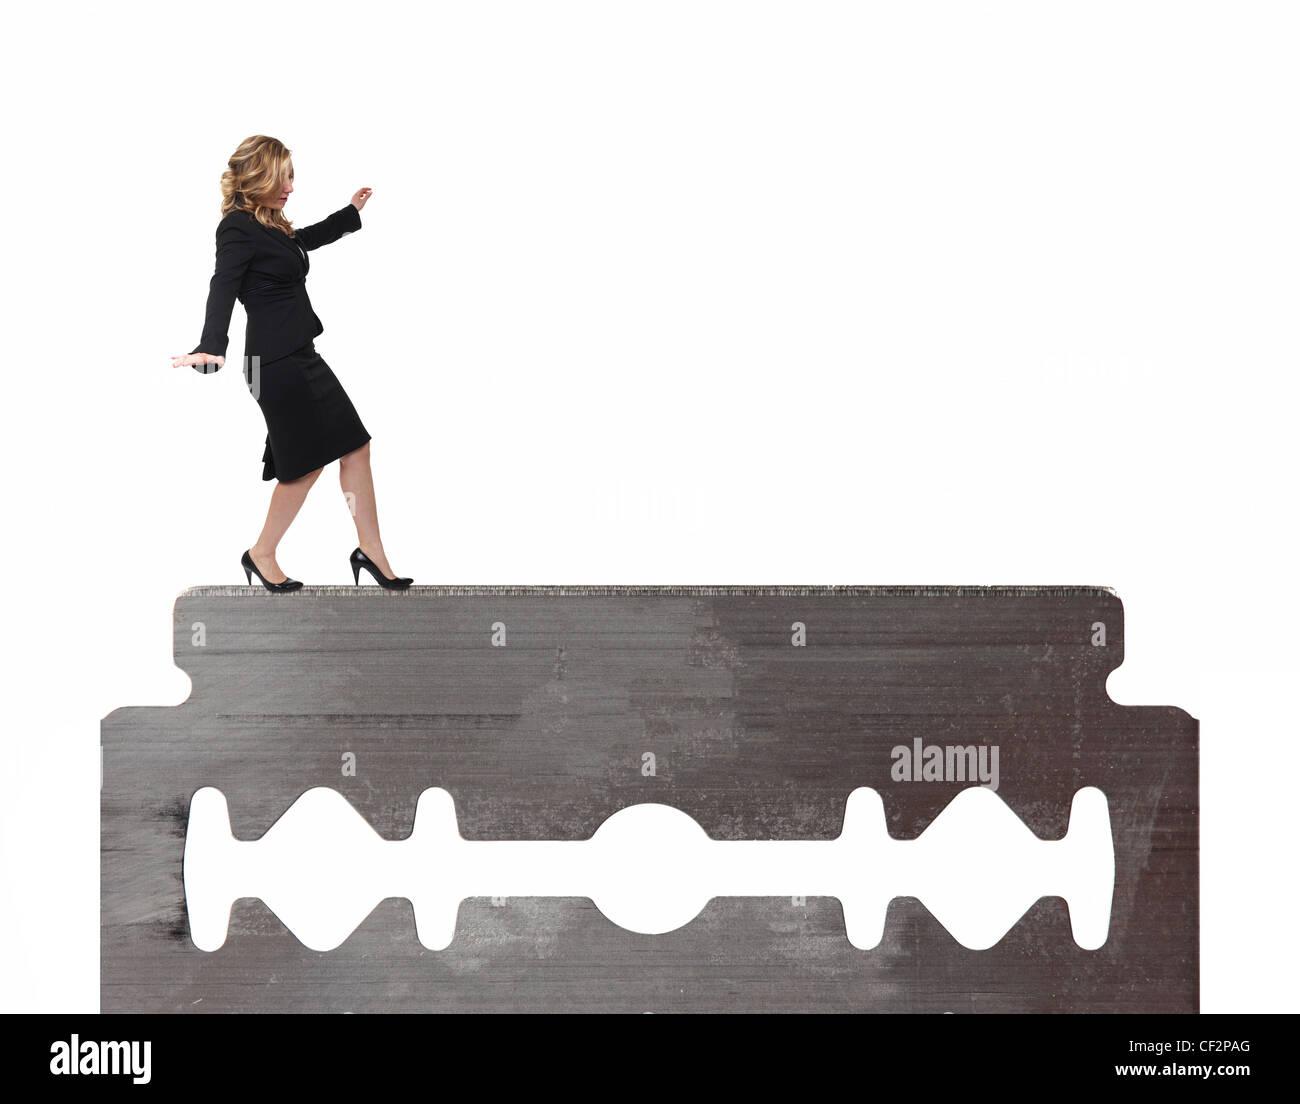 La empresaria caminar sobre la hoja de afeitar Imagen De Stock